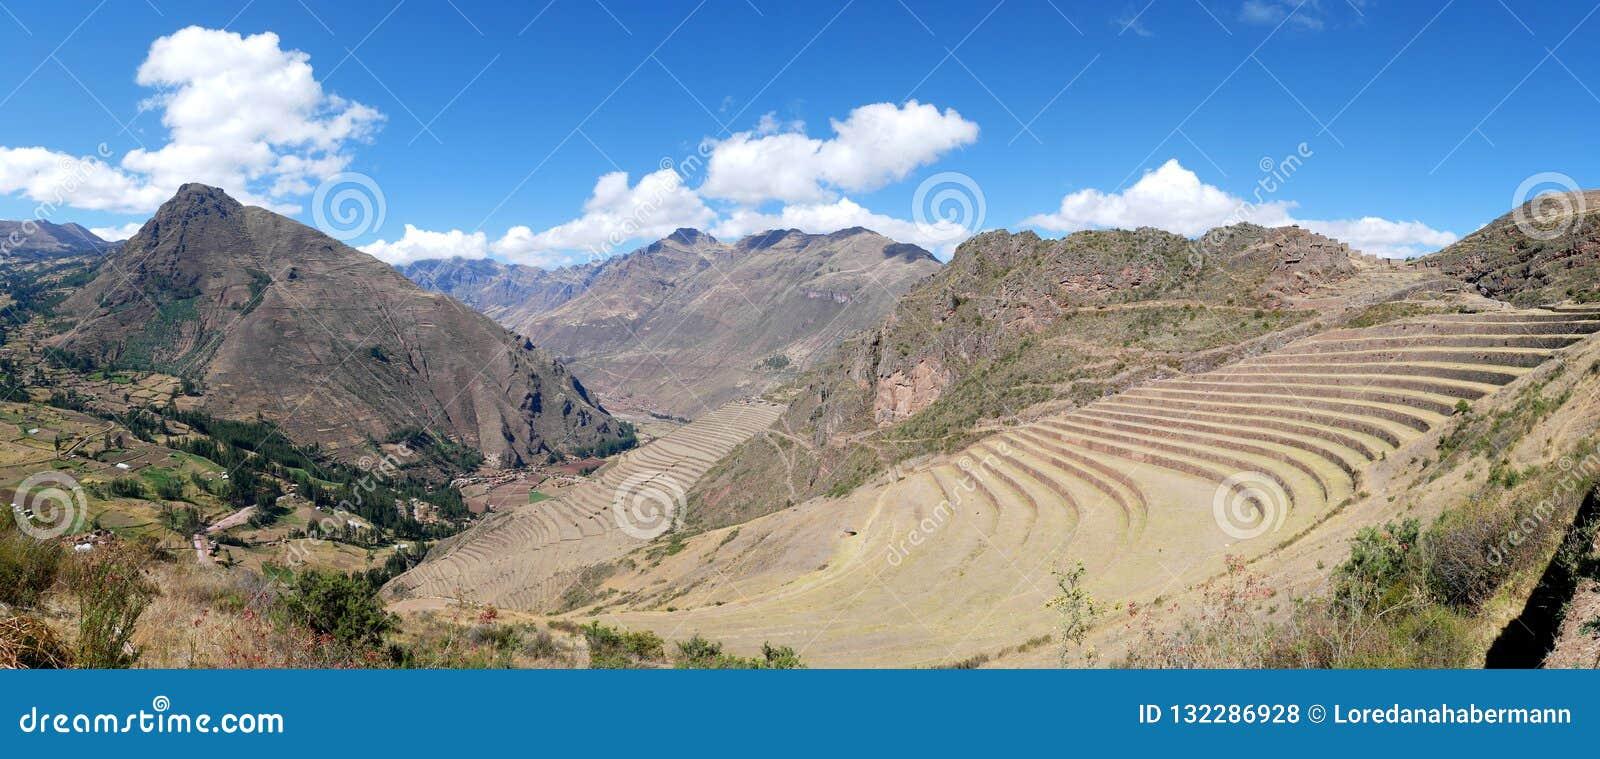 Le Pérou, Pisac Pisaq - ruines d Inca dans la vallée sacrée dans les Andes péruviens